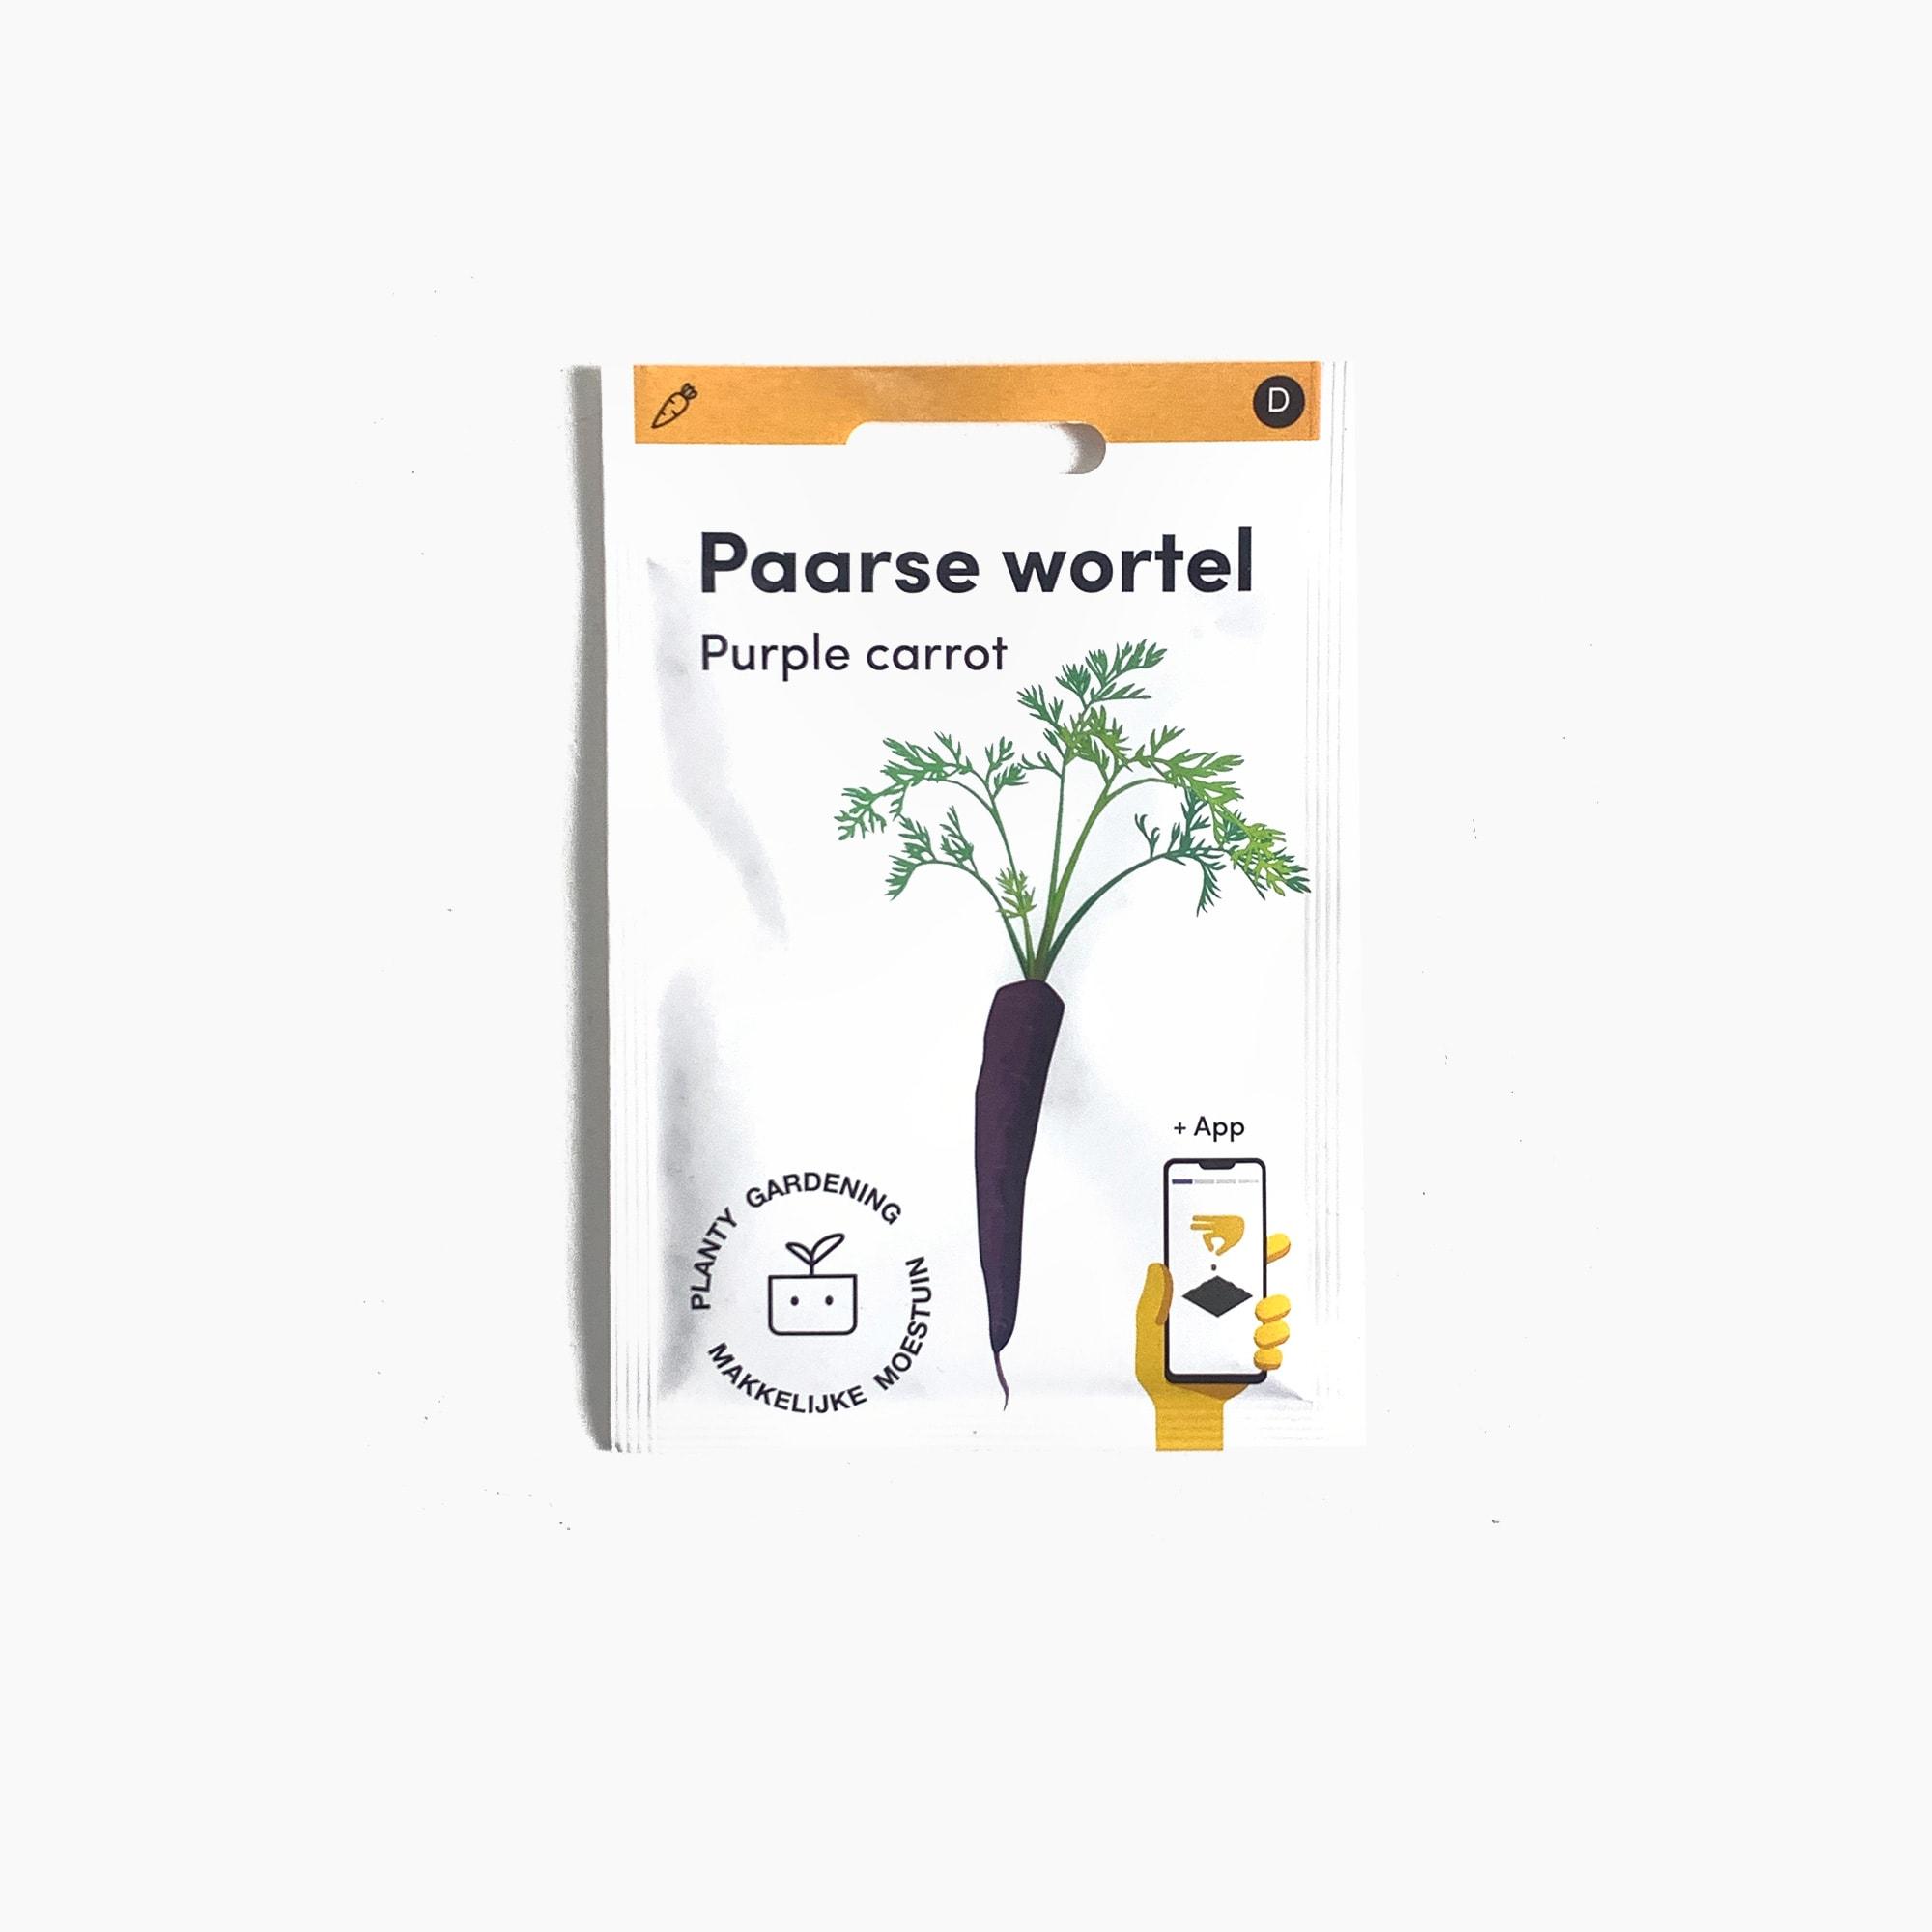 Paarsewortel-(1).jpg